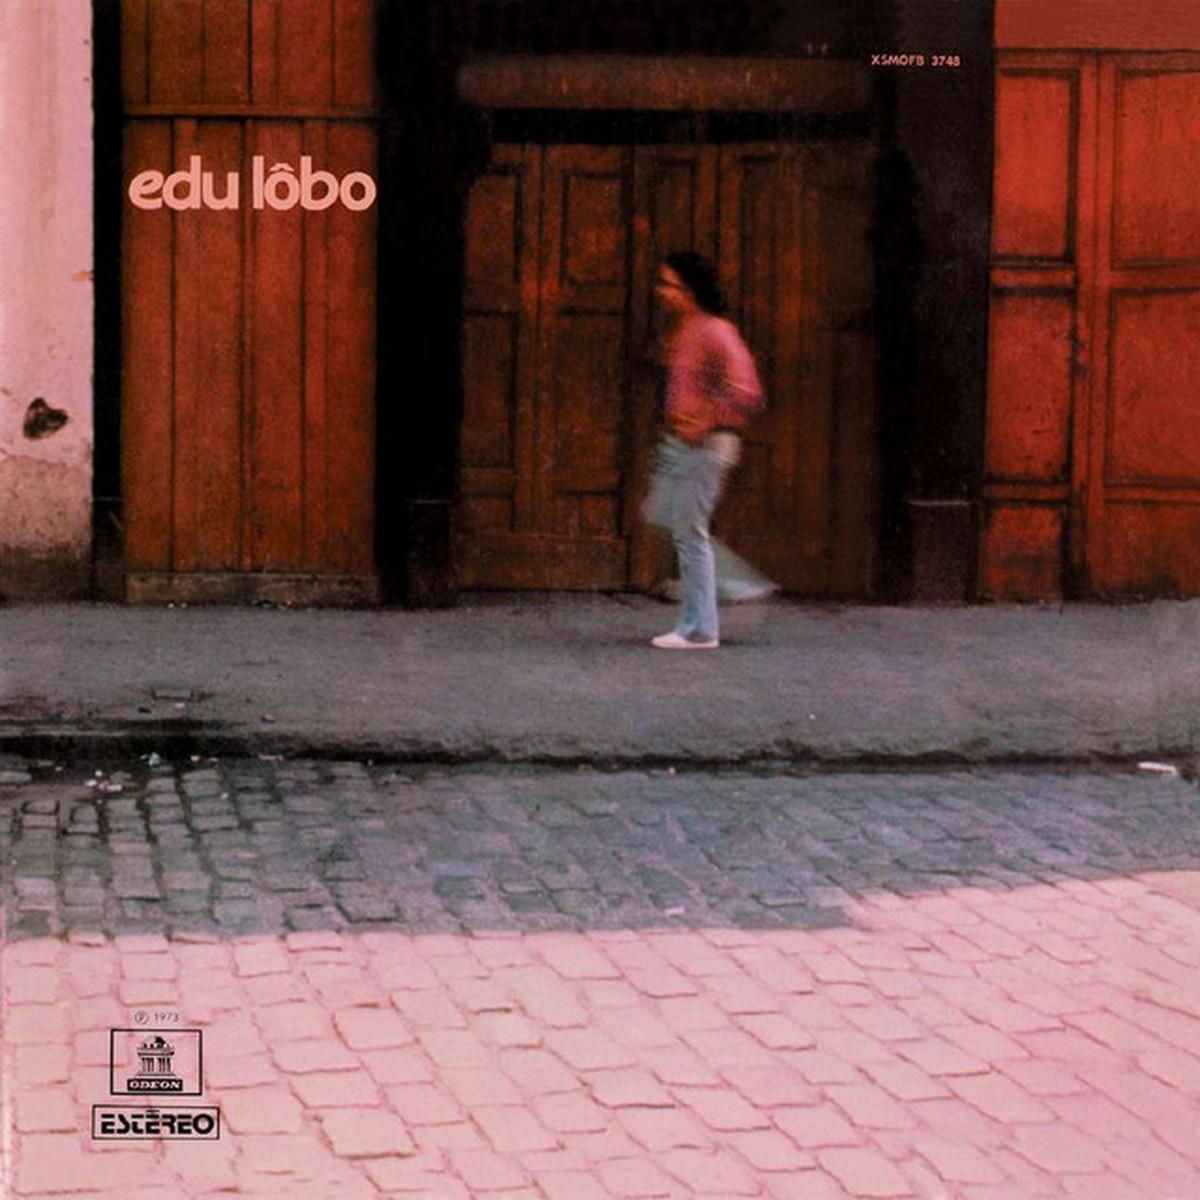 Discos para descobrir em casa – 'Edu Lobo', Edu Lobo, 1973 | Blog do Mauro Ferreira